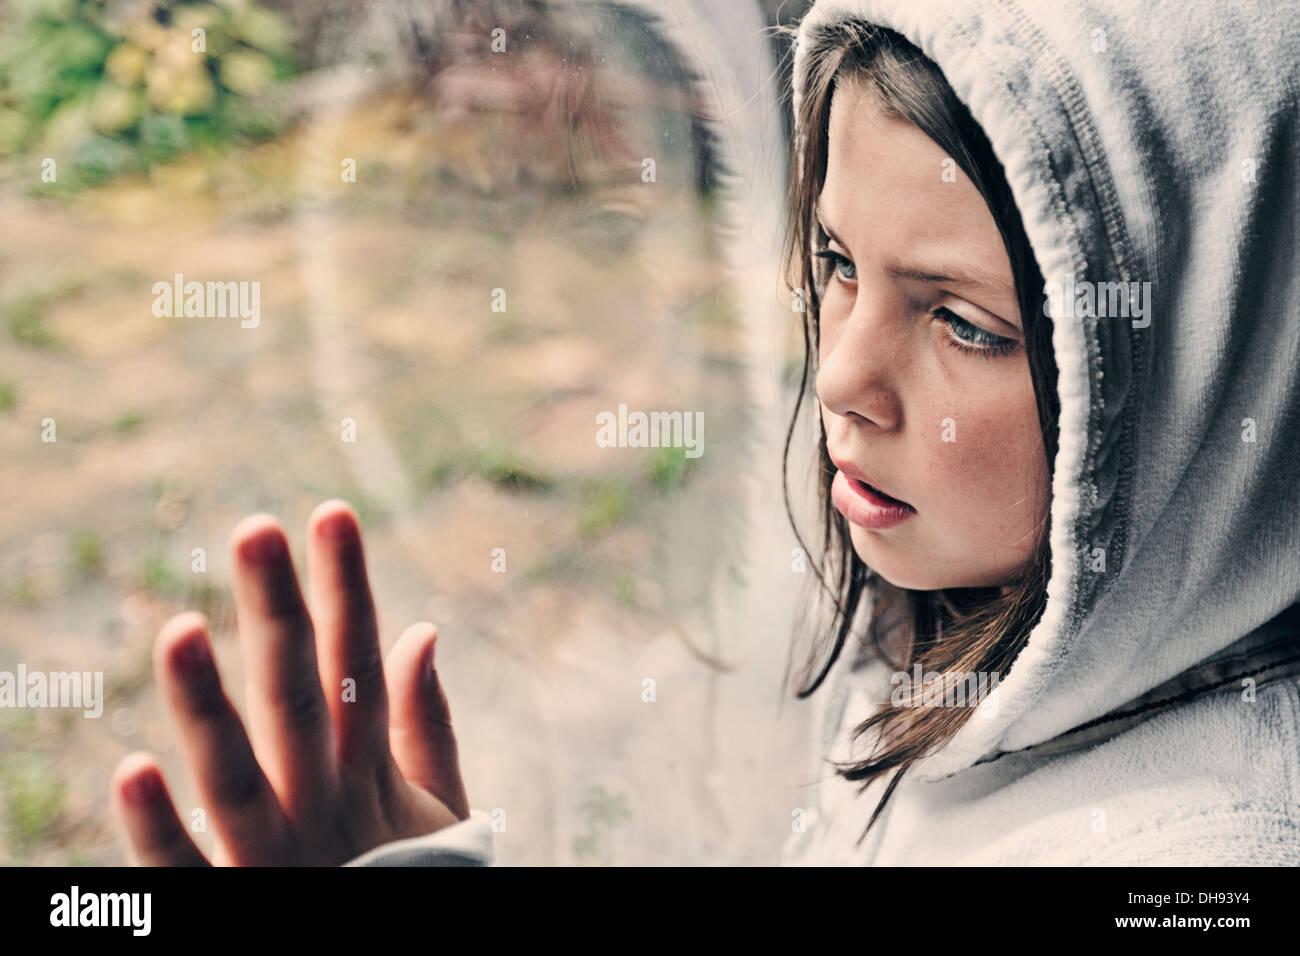 Ragazza giovane guardando fuori della finestra Immagini Stock